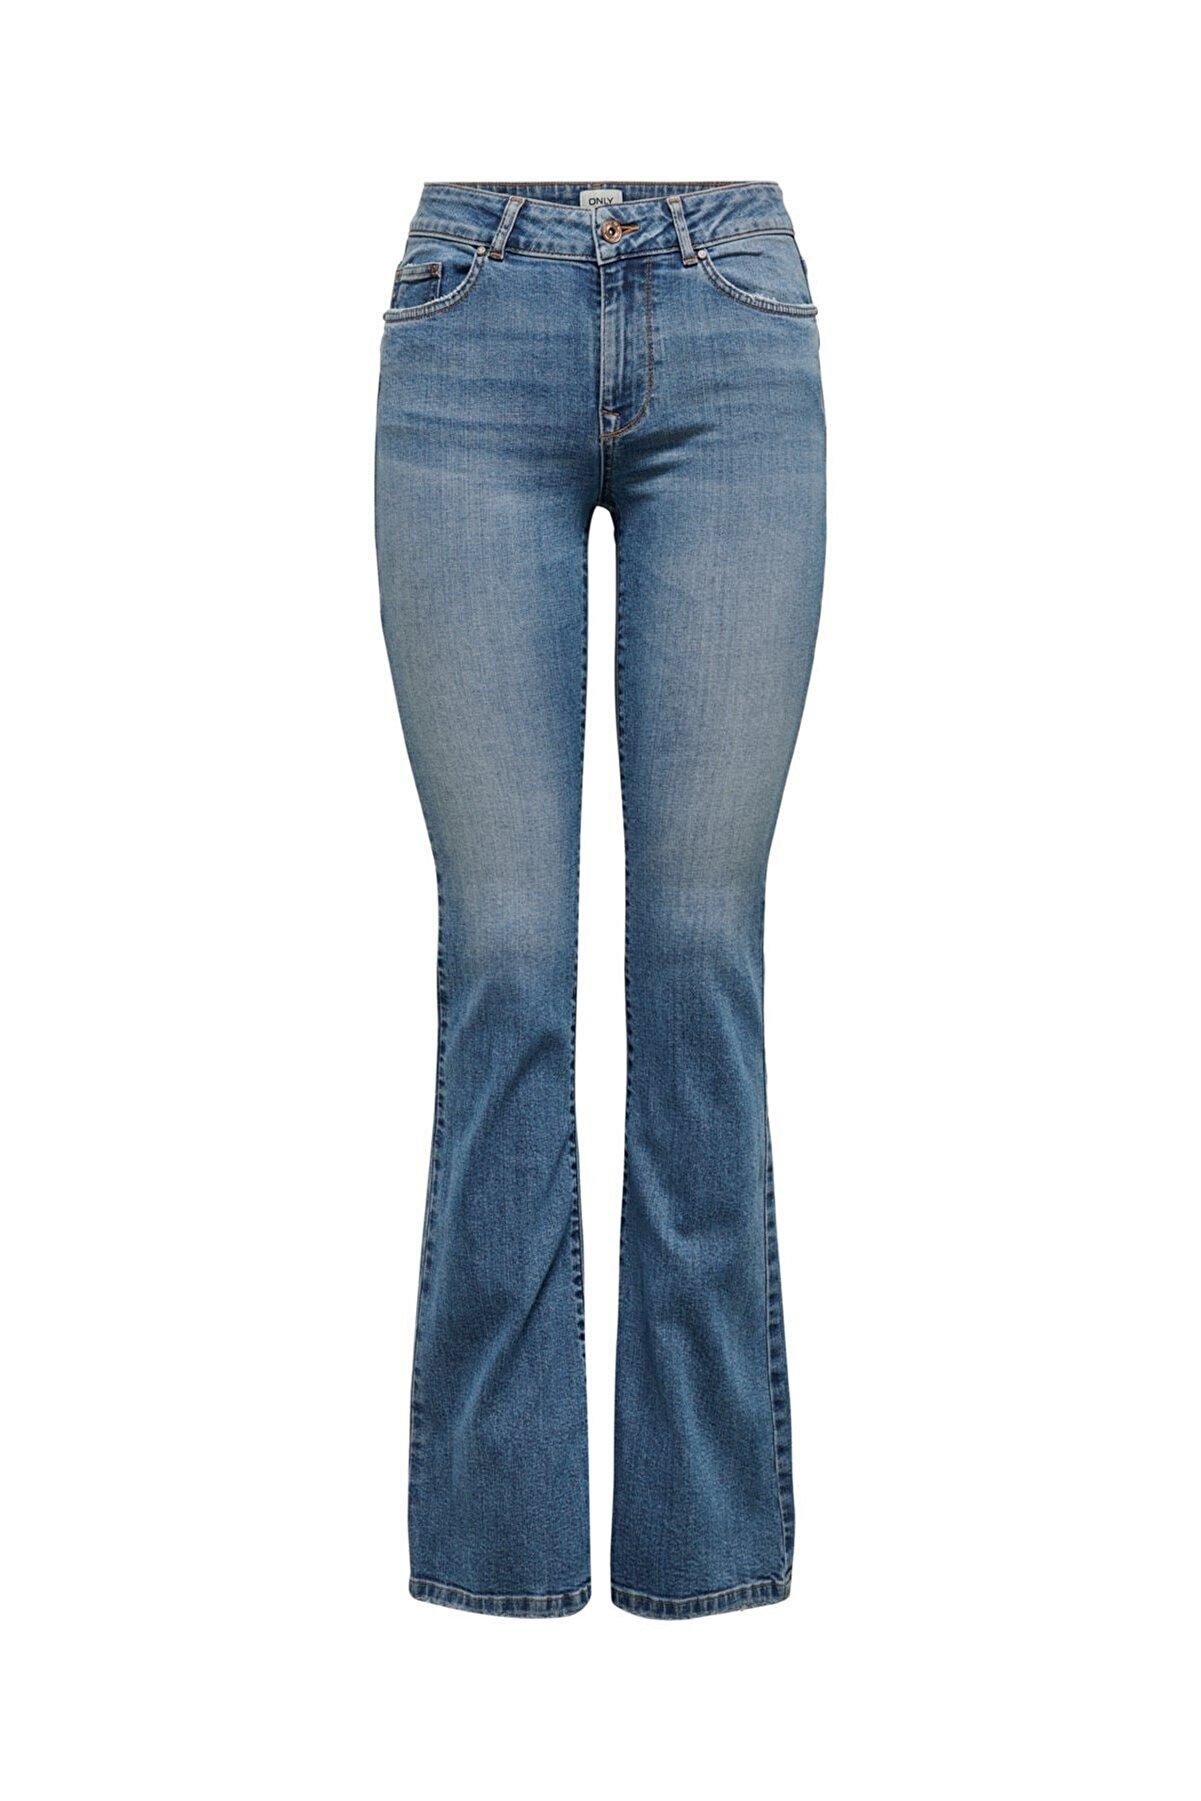 Only Onlhush Life Mıd Flored Bb Dot0003 Jeans 15208314